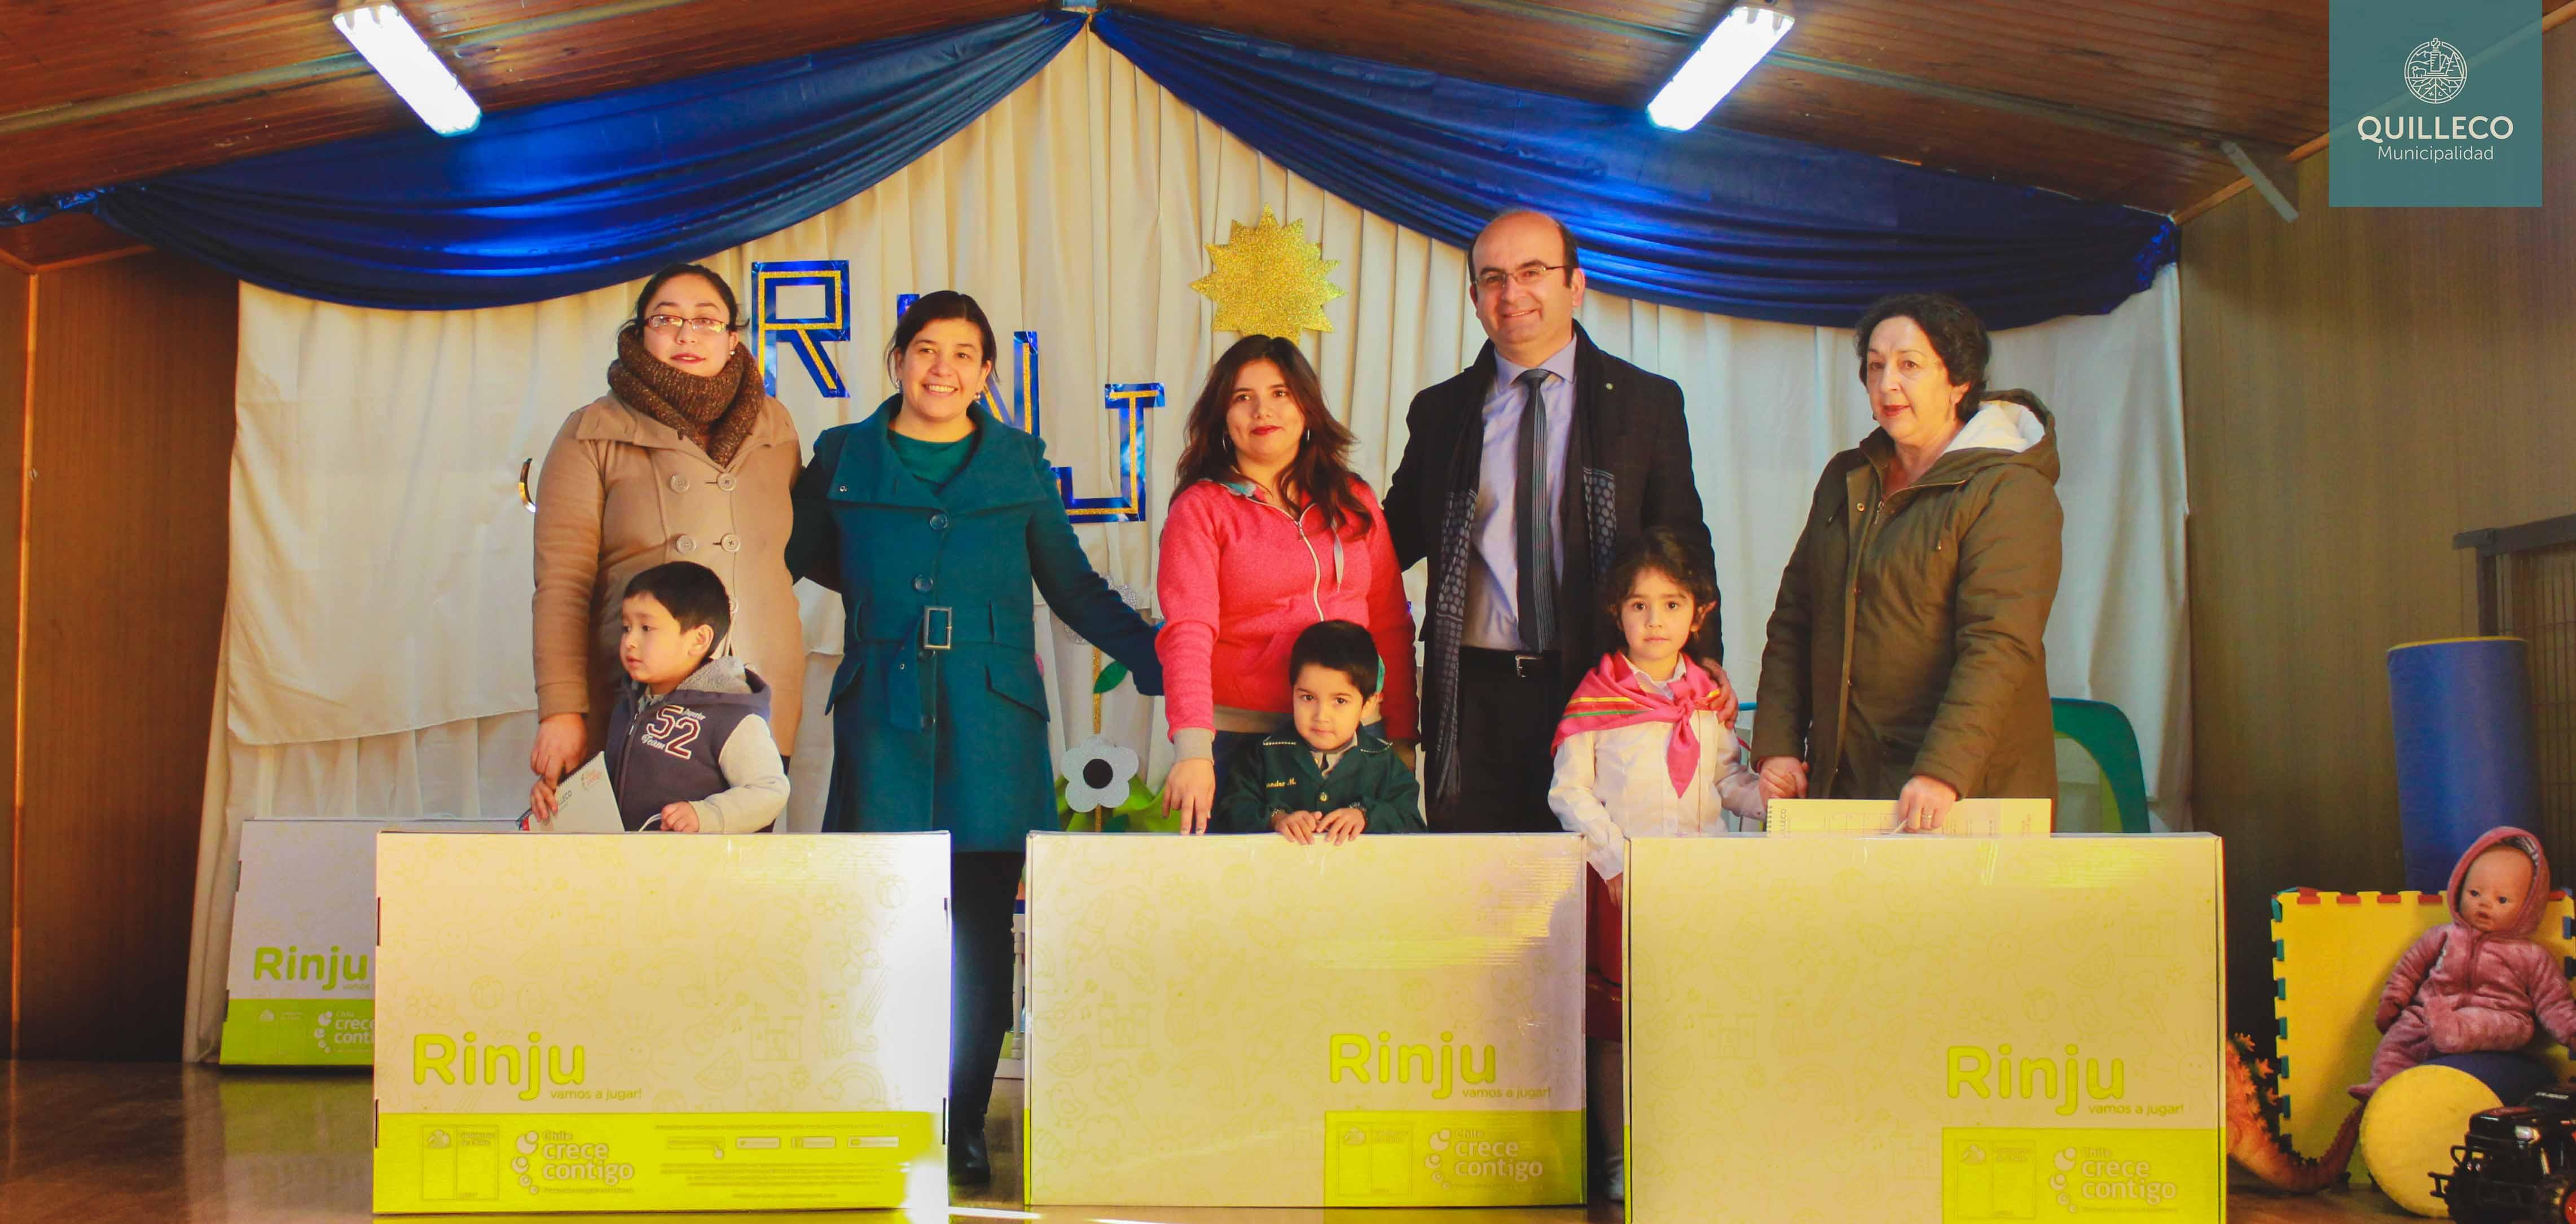 """En Escuela de Villa Mercedes se hizo entrega de RINJU (""""Rincón de juego"""") de Programa Chile Crece Contigo"""